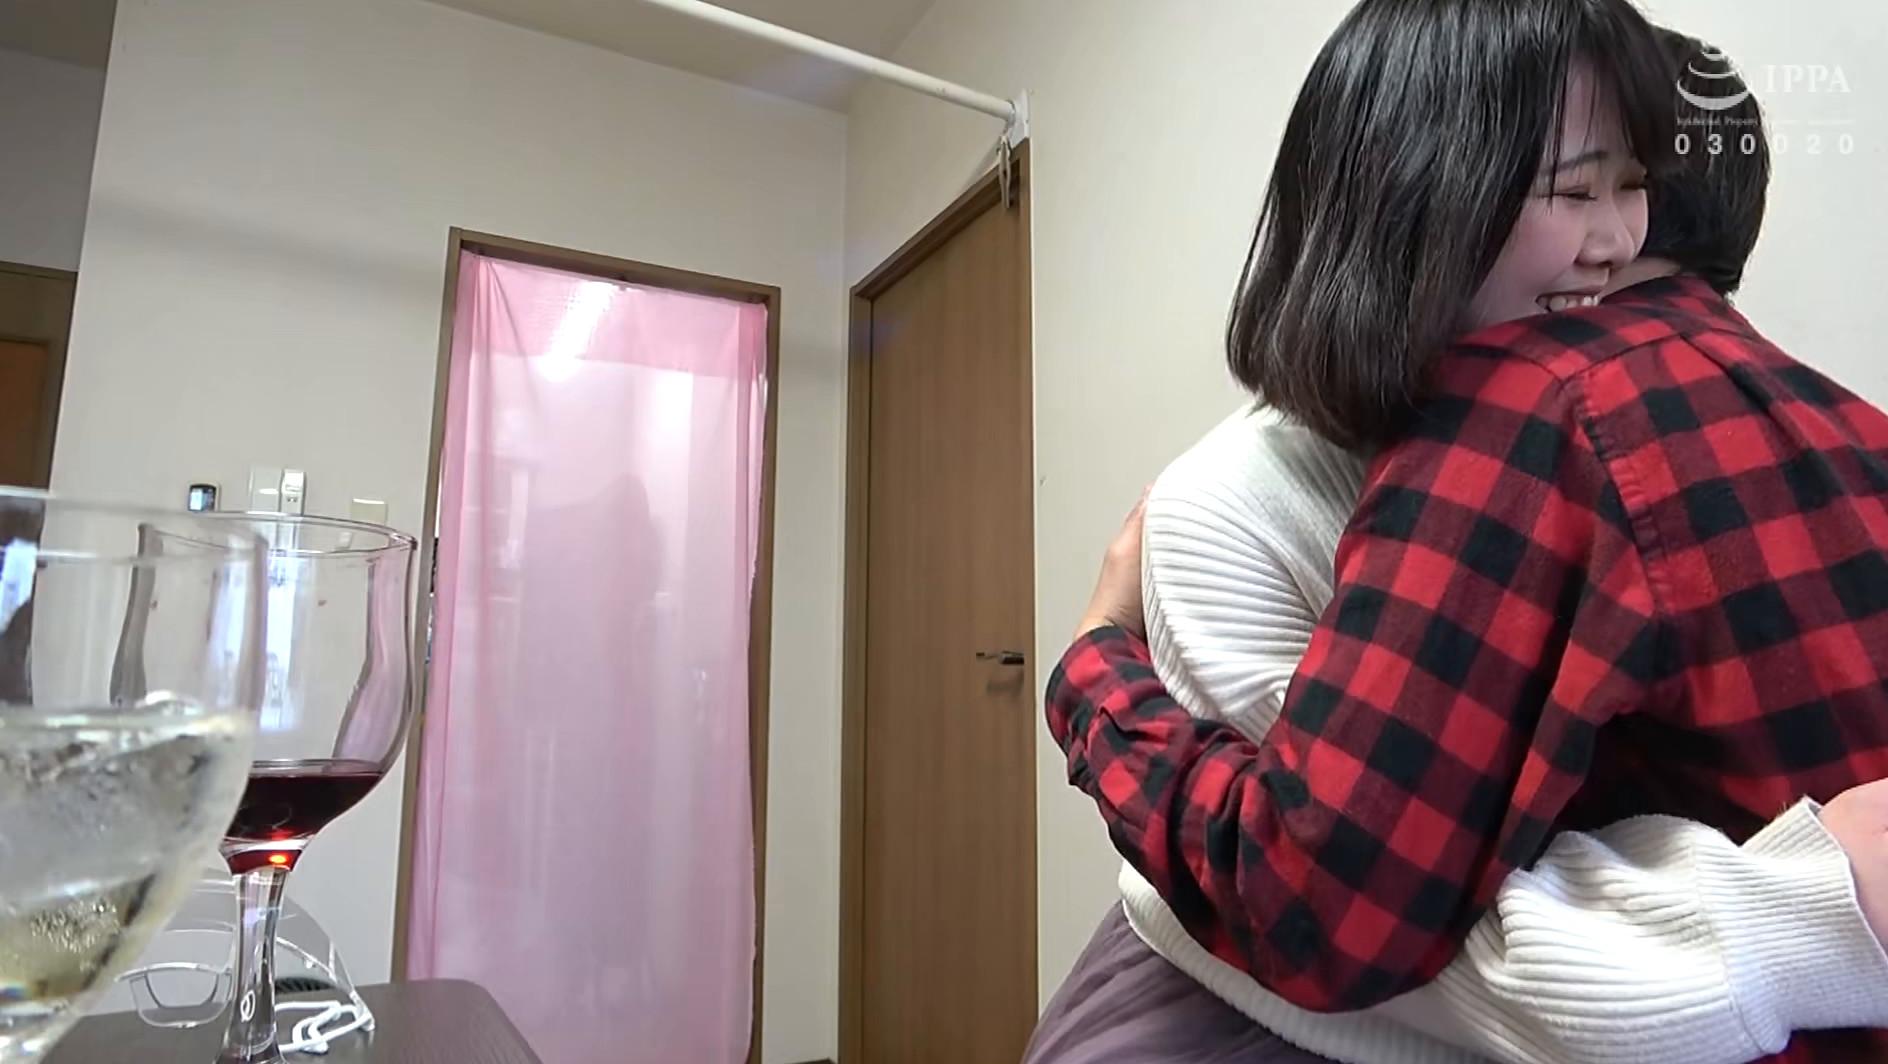 旅行仲間 人妻乱れ飲み 03 in 高橋趣味部屋 画像14